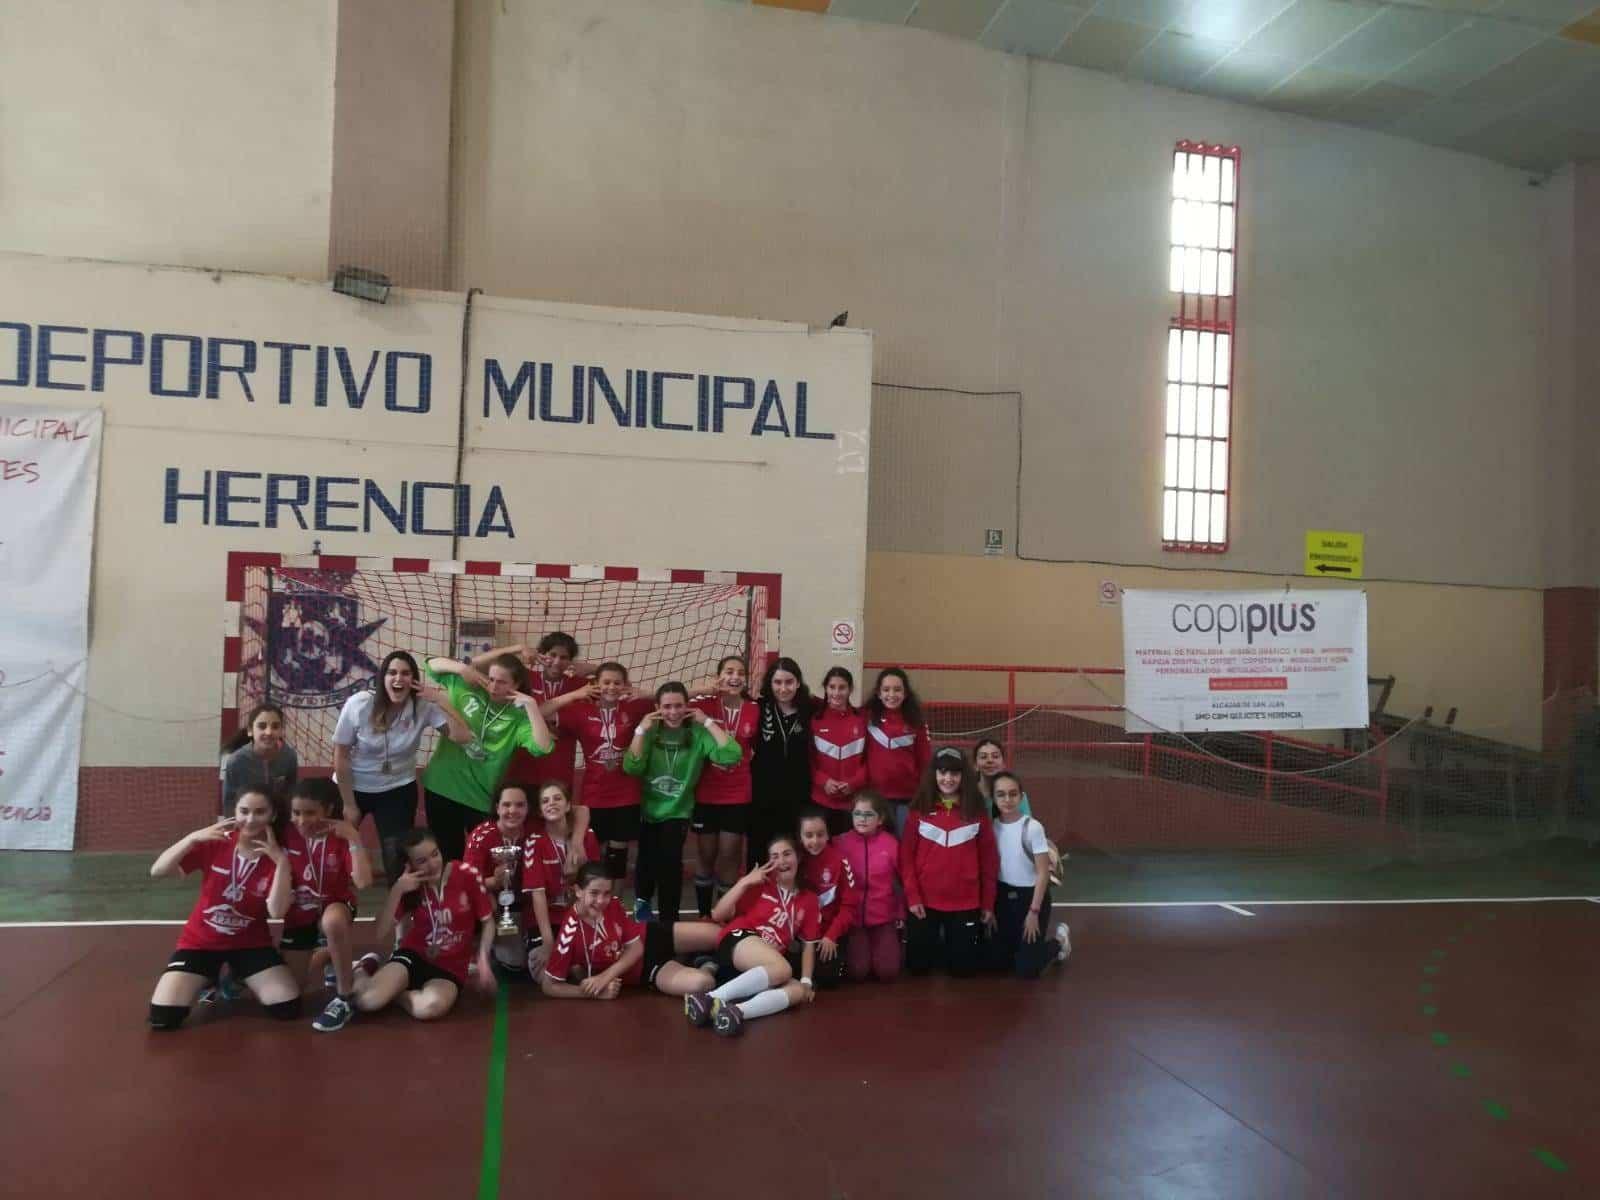 SMD BM Quijote Herencia alevinas1 - El SMD BM Quijote Herencia alevín femenino se proclama campeón regional de balonmano